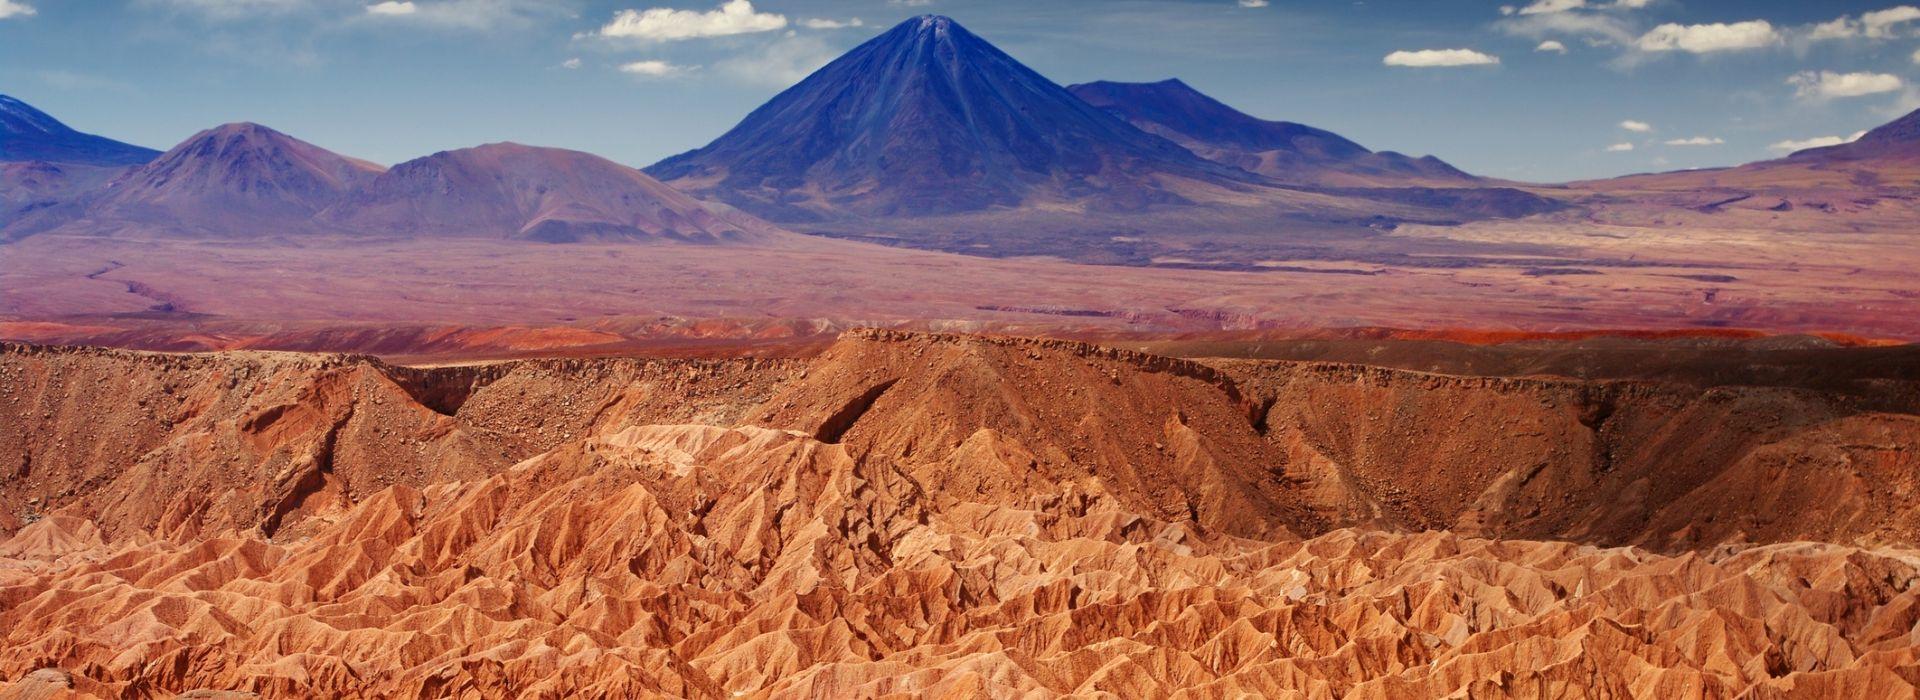 Atacama Desert Tours and Holidays 2019/2020